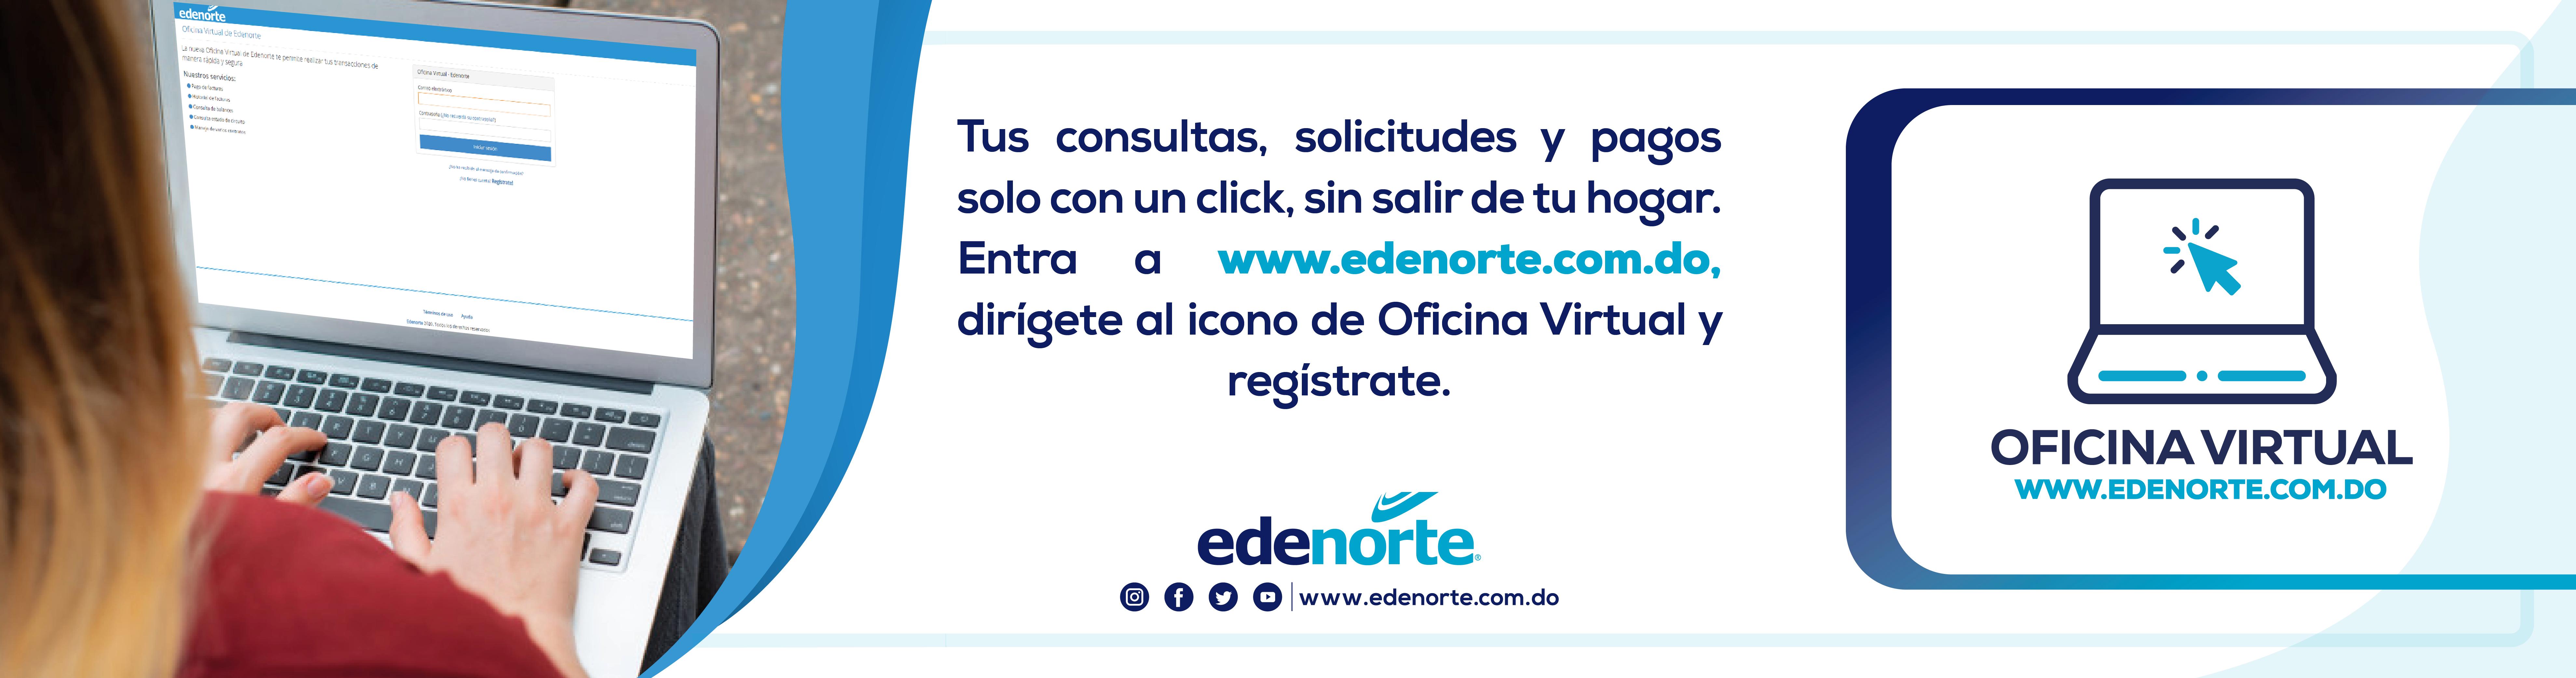 Canales de pago - Oficina Virtual